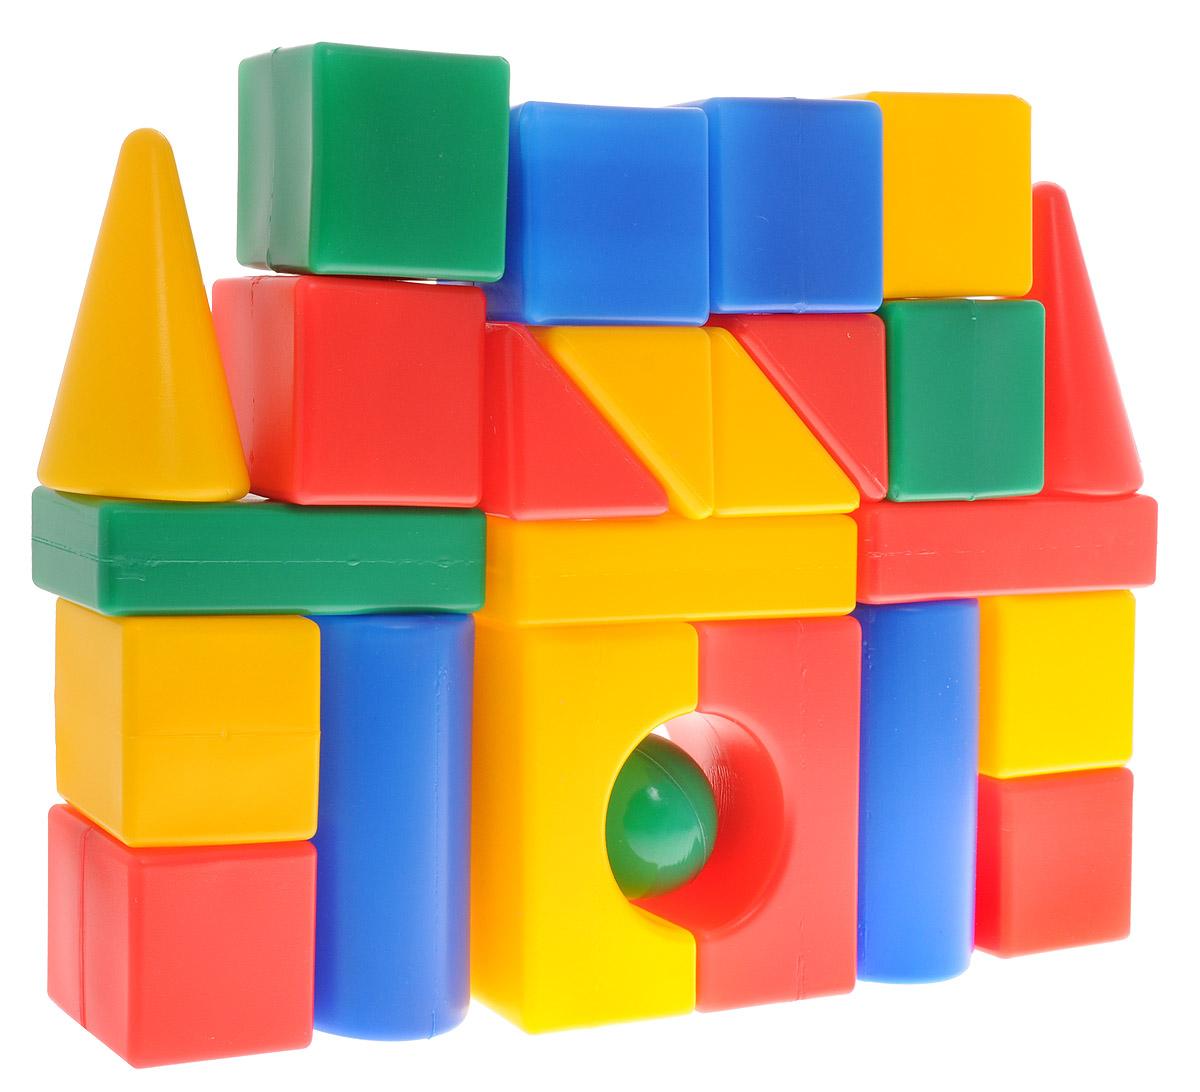 ГринПласт Конструктор Мой Городок КСТ0024КСТ0024Яркий конструктор Мой городок привлечет внимание вашего ребенка и не позволит ему скучать. Это яркие, вариативные по форме и размерам детали, которые могут послужить материалом для создания целого городка, домика и всего, что ему подскажет фантазия. Из кубиков можно построить оригинальные здания и башни, выдумывать новые игры и формы. Элементы конструктора крупные, поэтому ребенку будет легко и удобно играть с ними. Все элементы изготовлены из высококачественных материалов, которые абсолютно безопасны для ребенка. Конструктор состоит из 24 крупных деталей. Игра с конструктором поможет ребенку научиться соотносить форму и величину предметов, развить мелкую моторику рук, логическое и пространственное мышление и творческие способности, а также поспособствует развитию концентрации внимания и усидчивости.